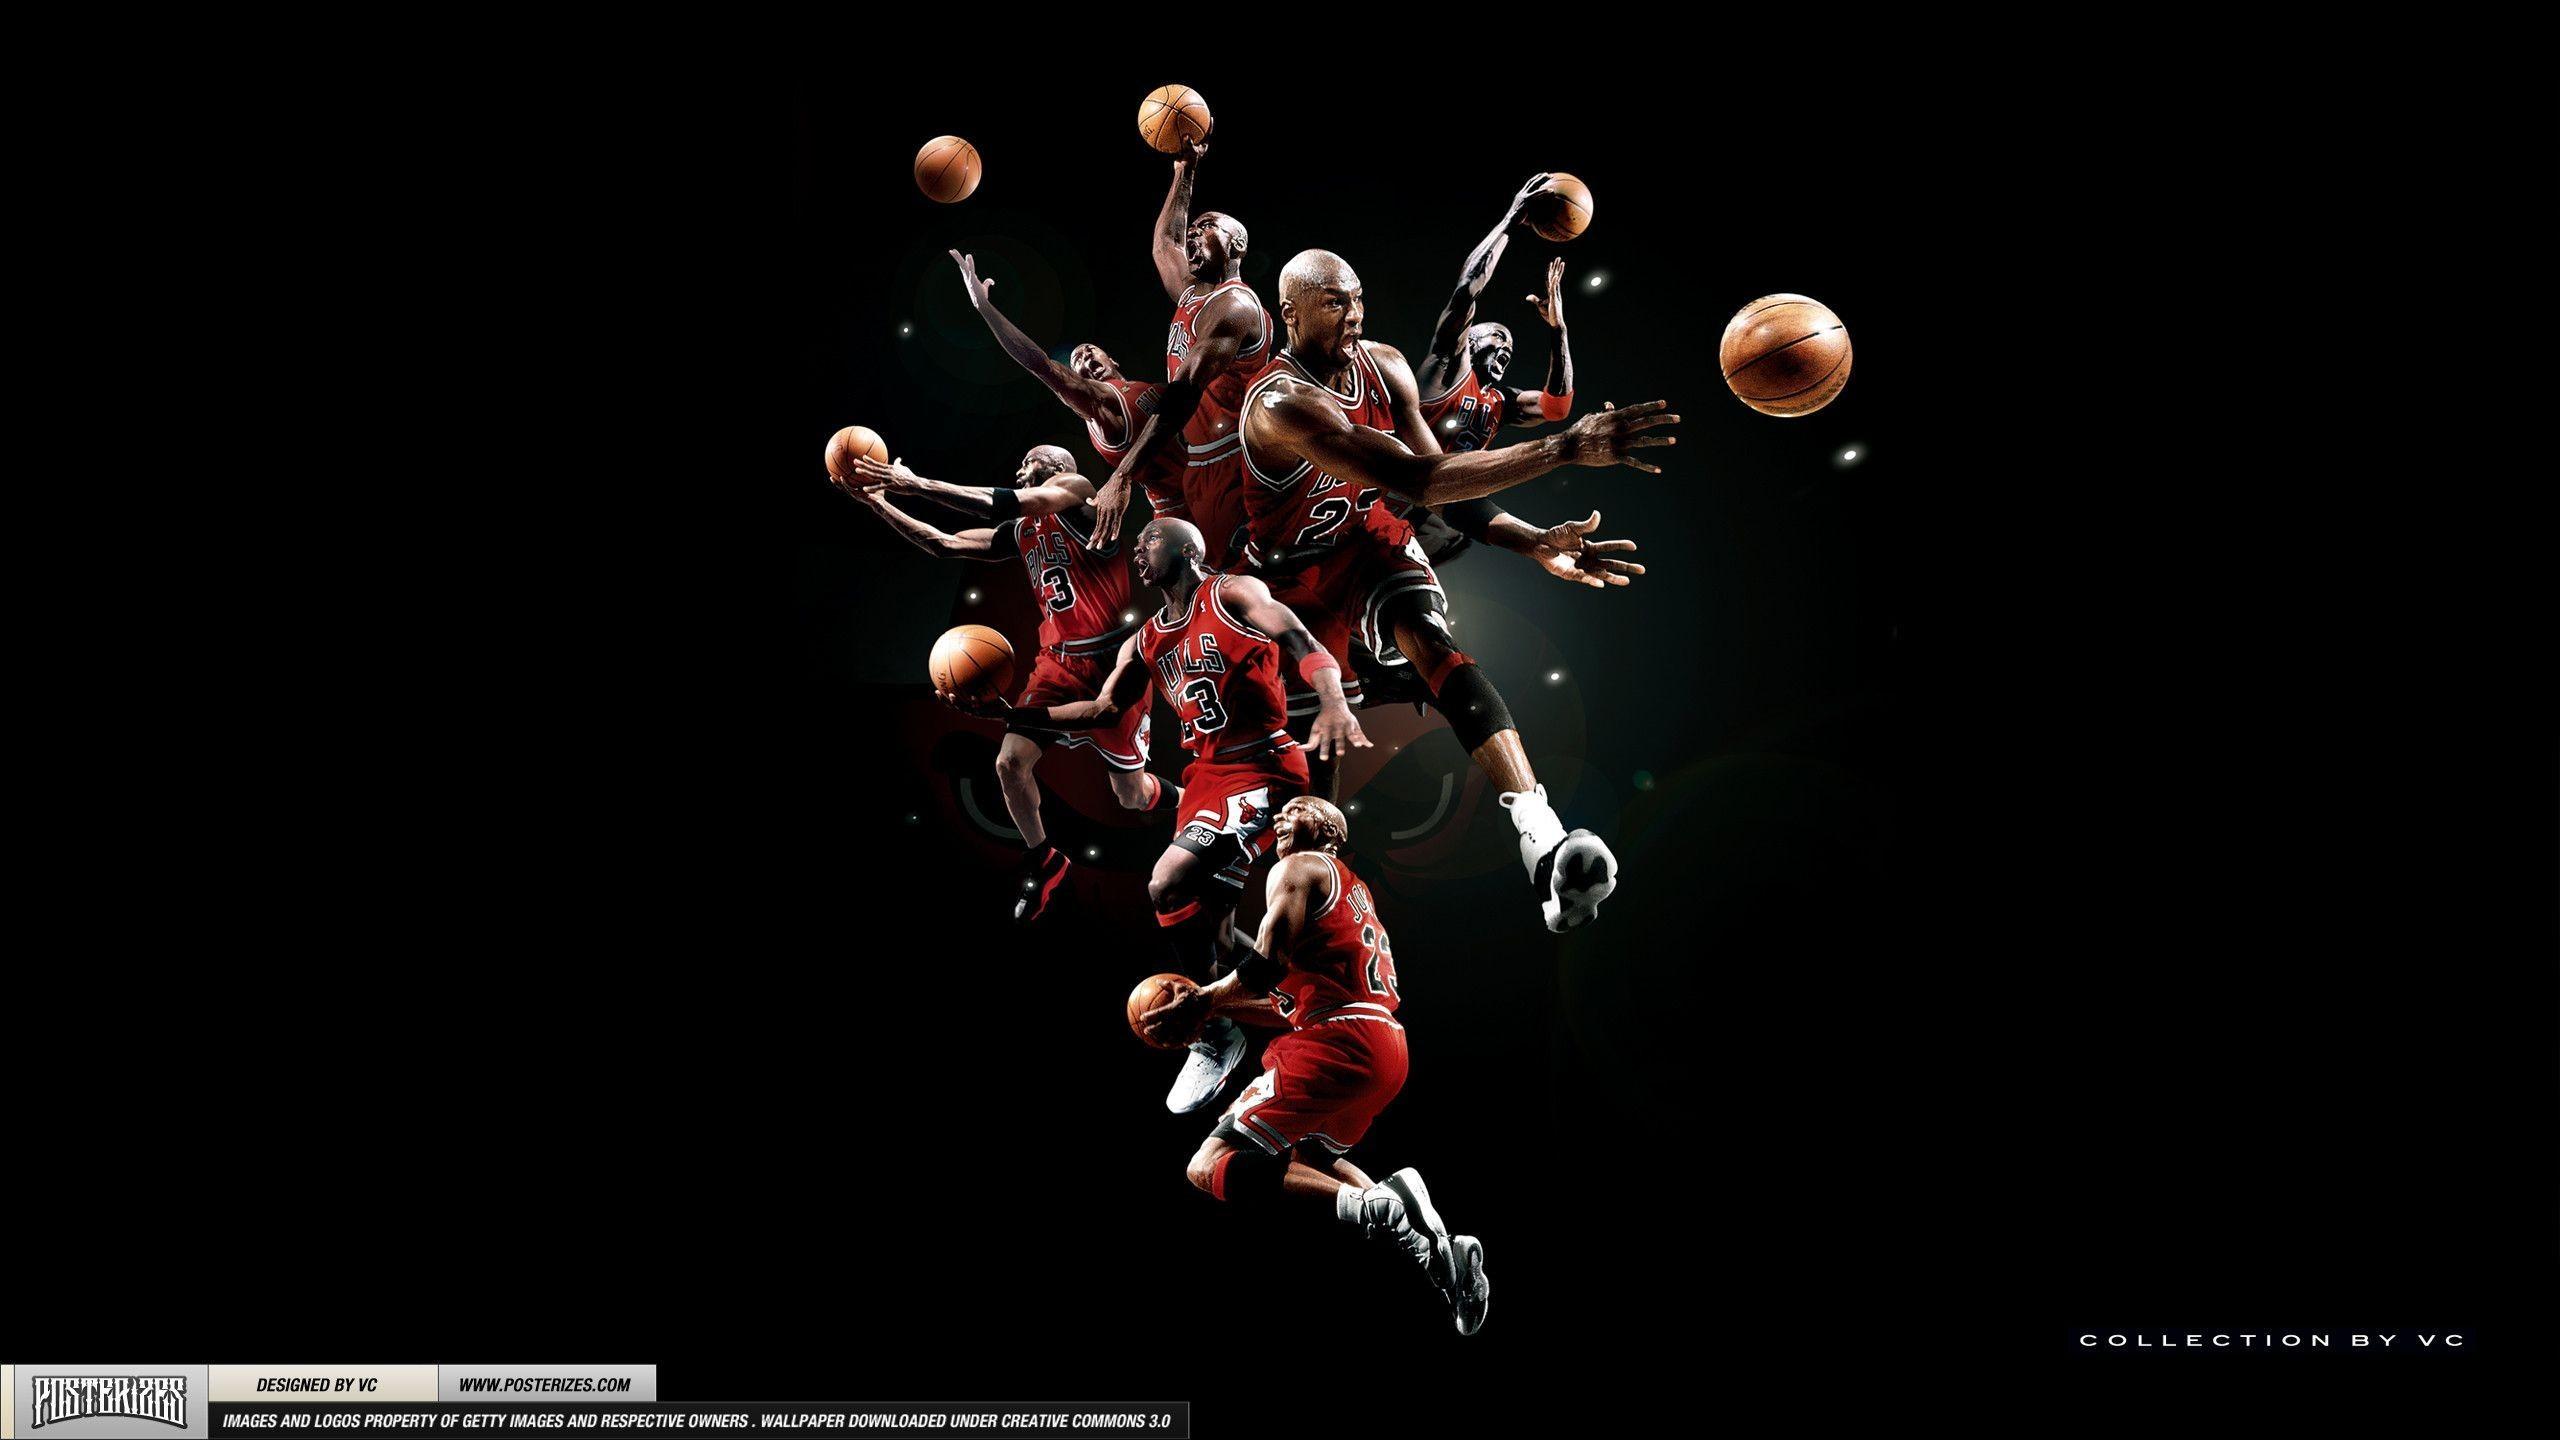 Jordan HD Wallpapers Wallpaper